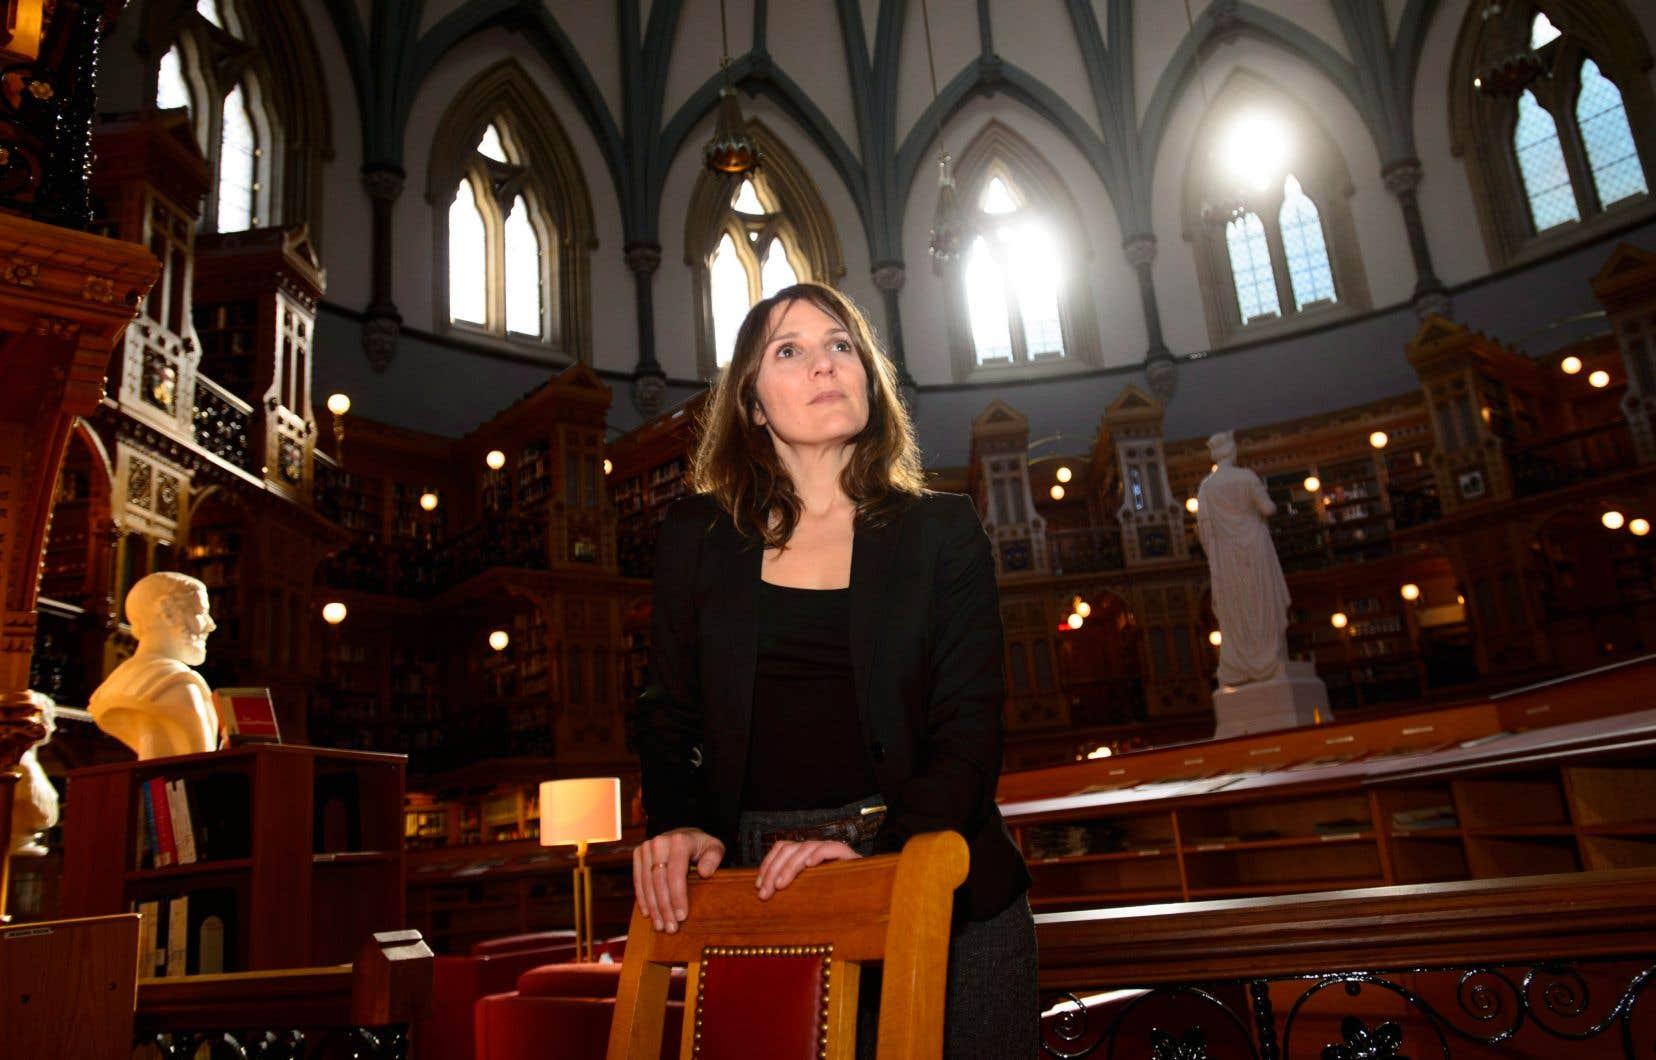 L'écrivaine canadienne Georgette LeBlanc a été nommée fin janvier au poste de poète officielle du Parlement du Canada.